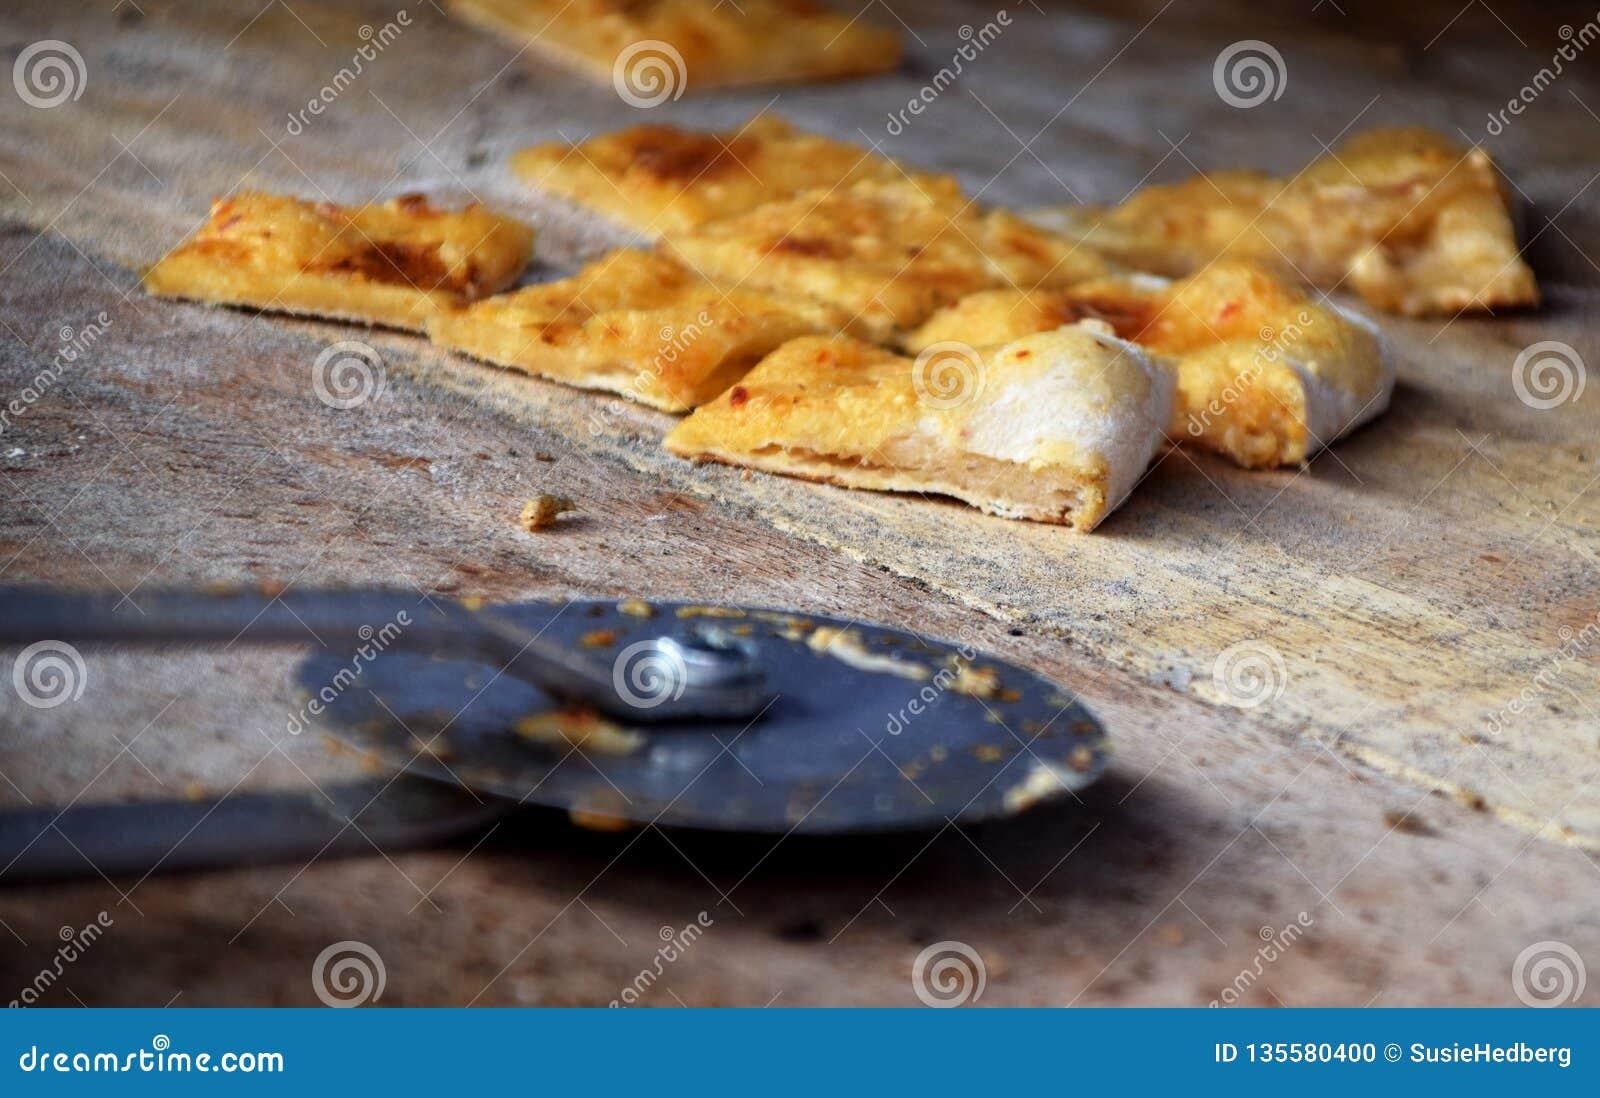 Gesneden pizzabread op een houten scherpe raad